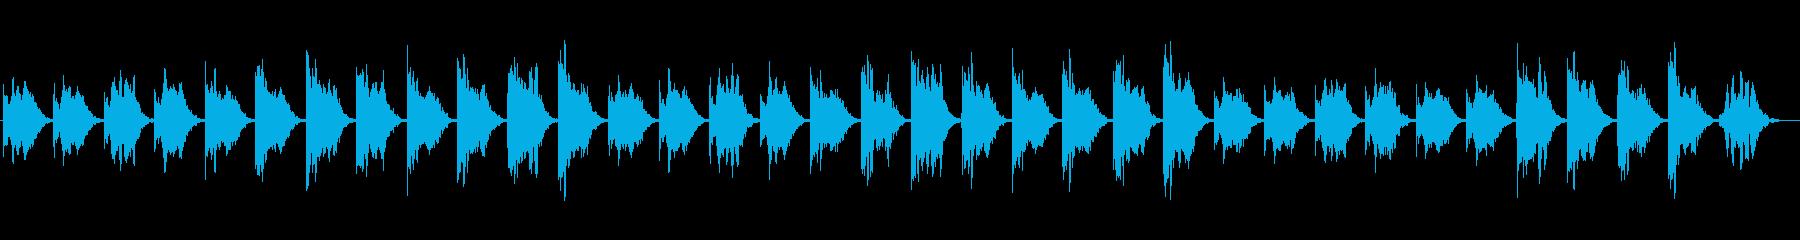 幻想的で、自然界を感じるヒーリング音楽の再生済みの波形